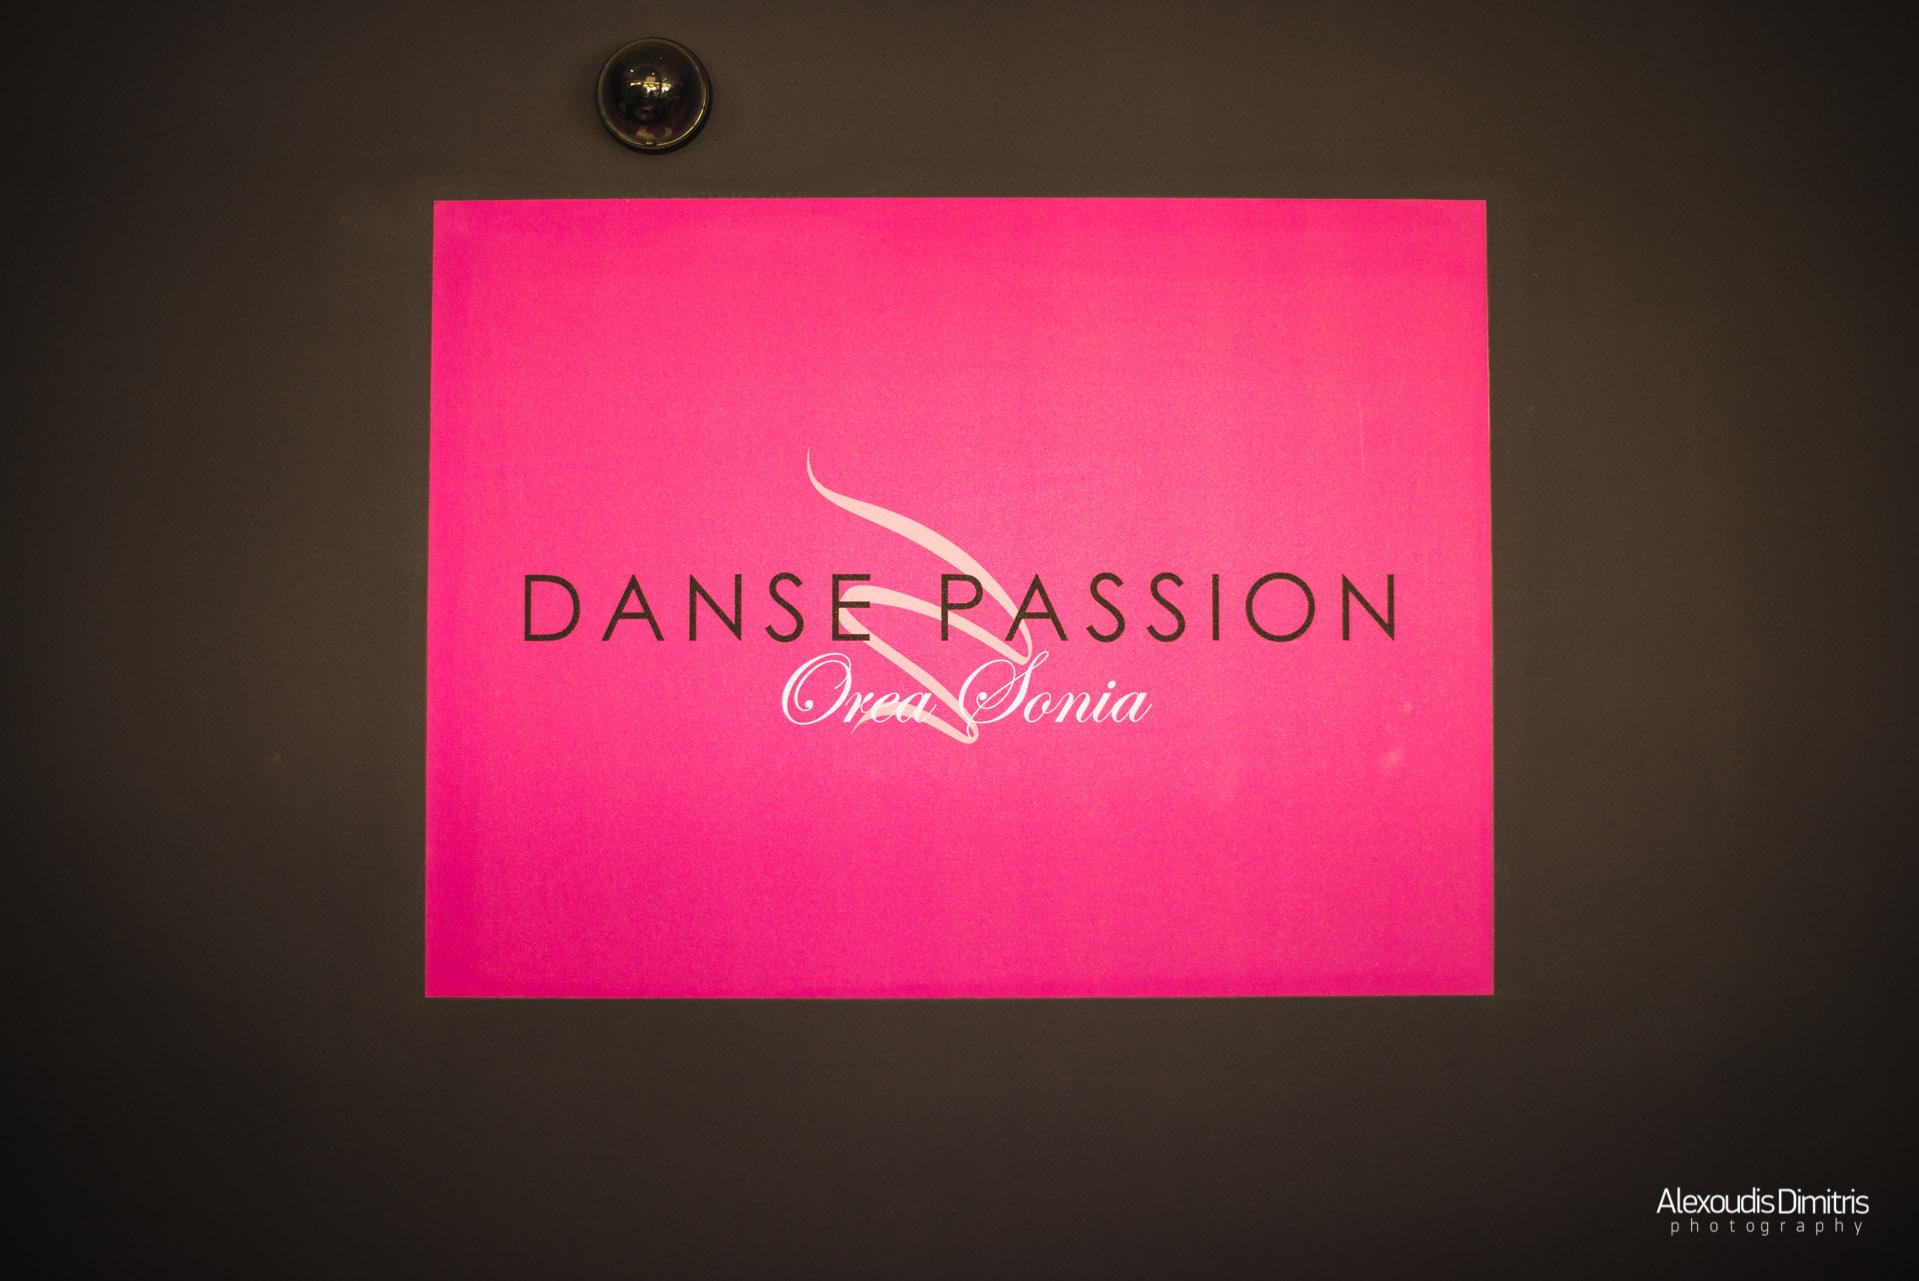 Σχολή χορού DANSE PASSION Orea Sonia